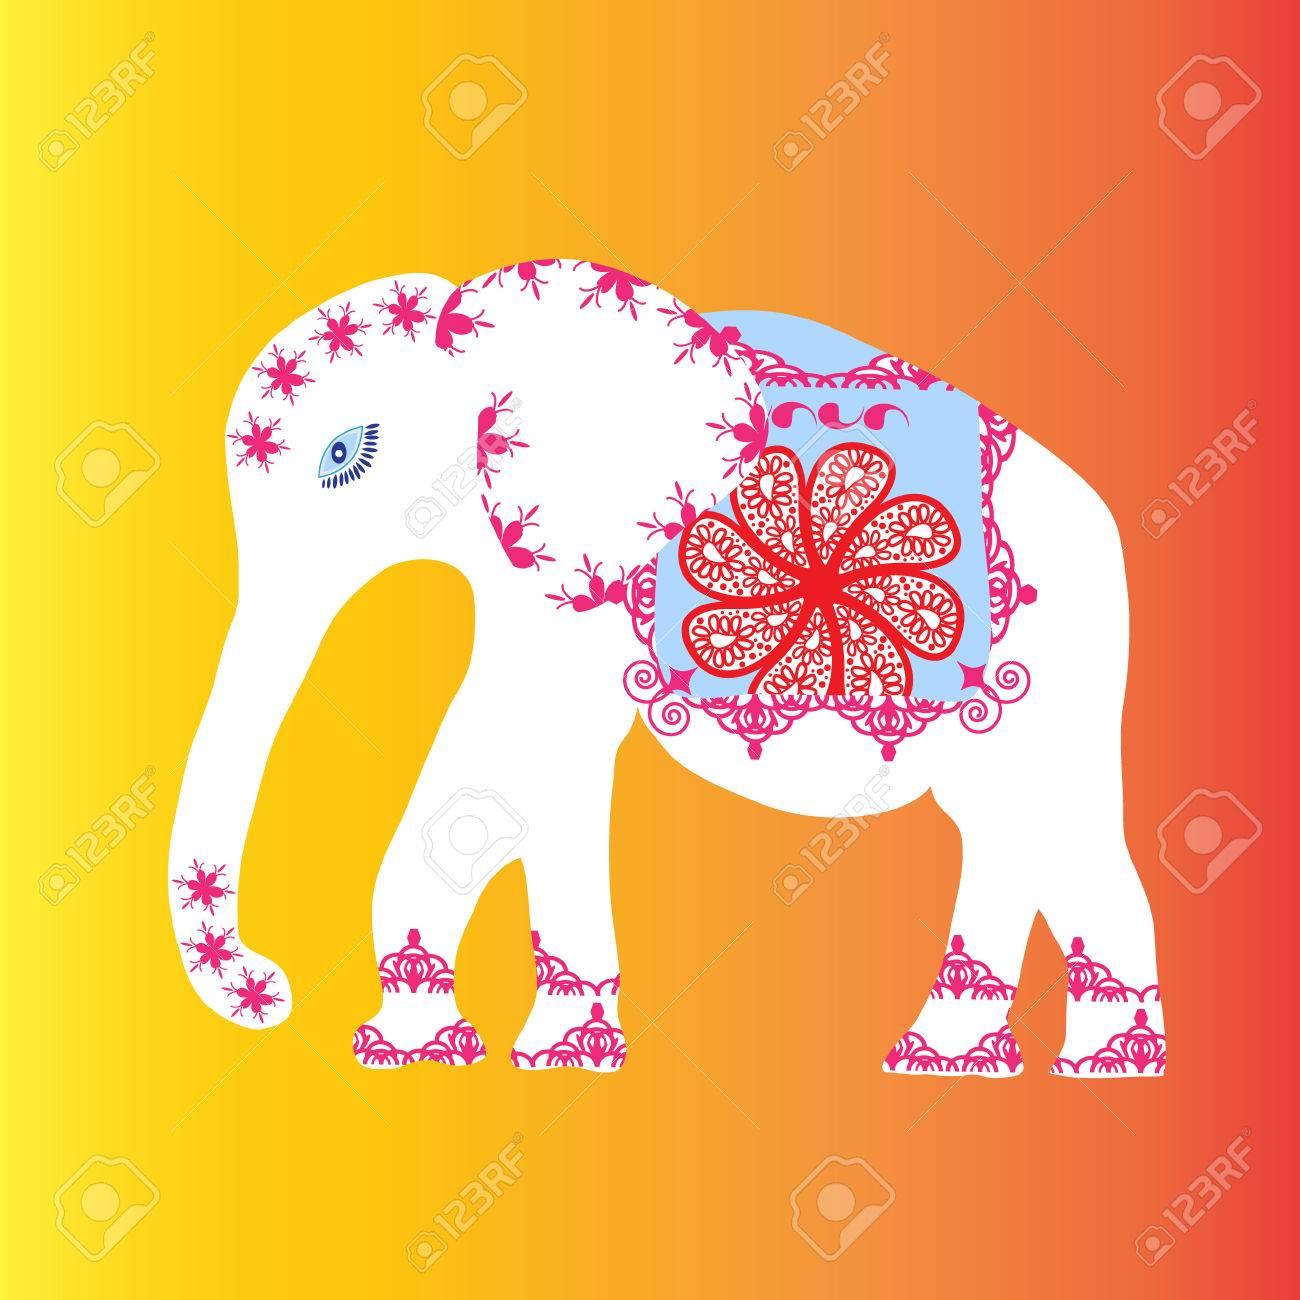 Weiß Elefant Mit Blumen Und Muster, Vektor-Illustration Lizenzfrei ...